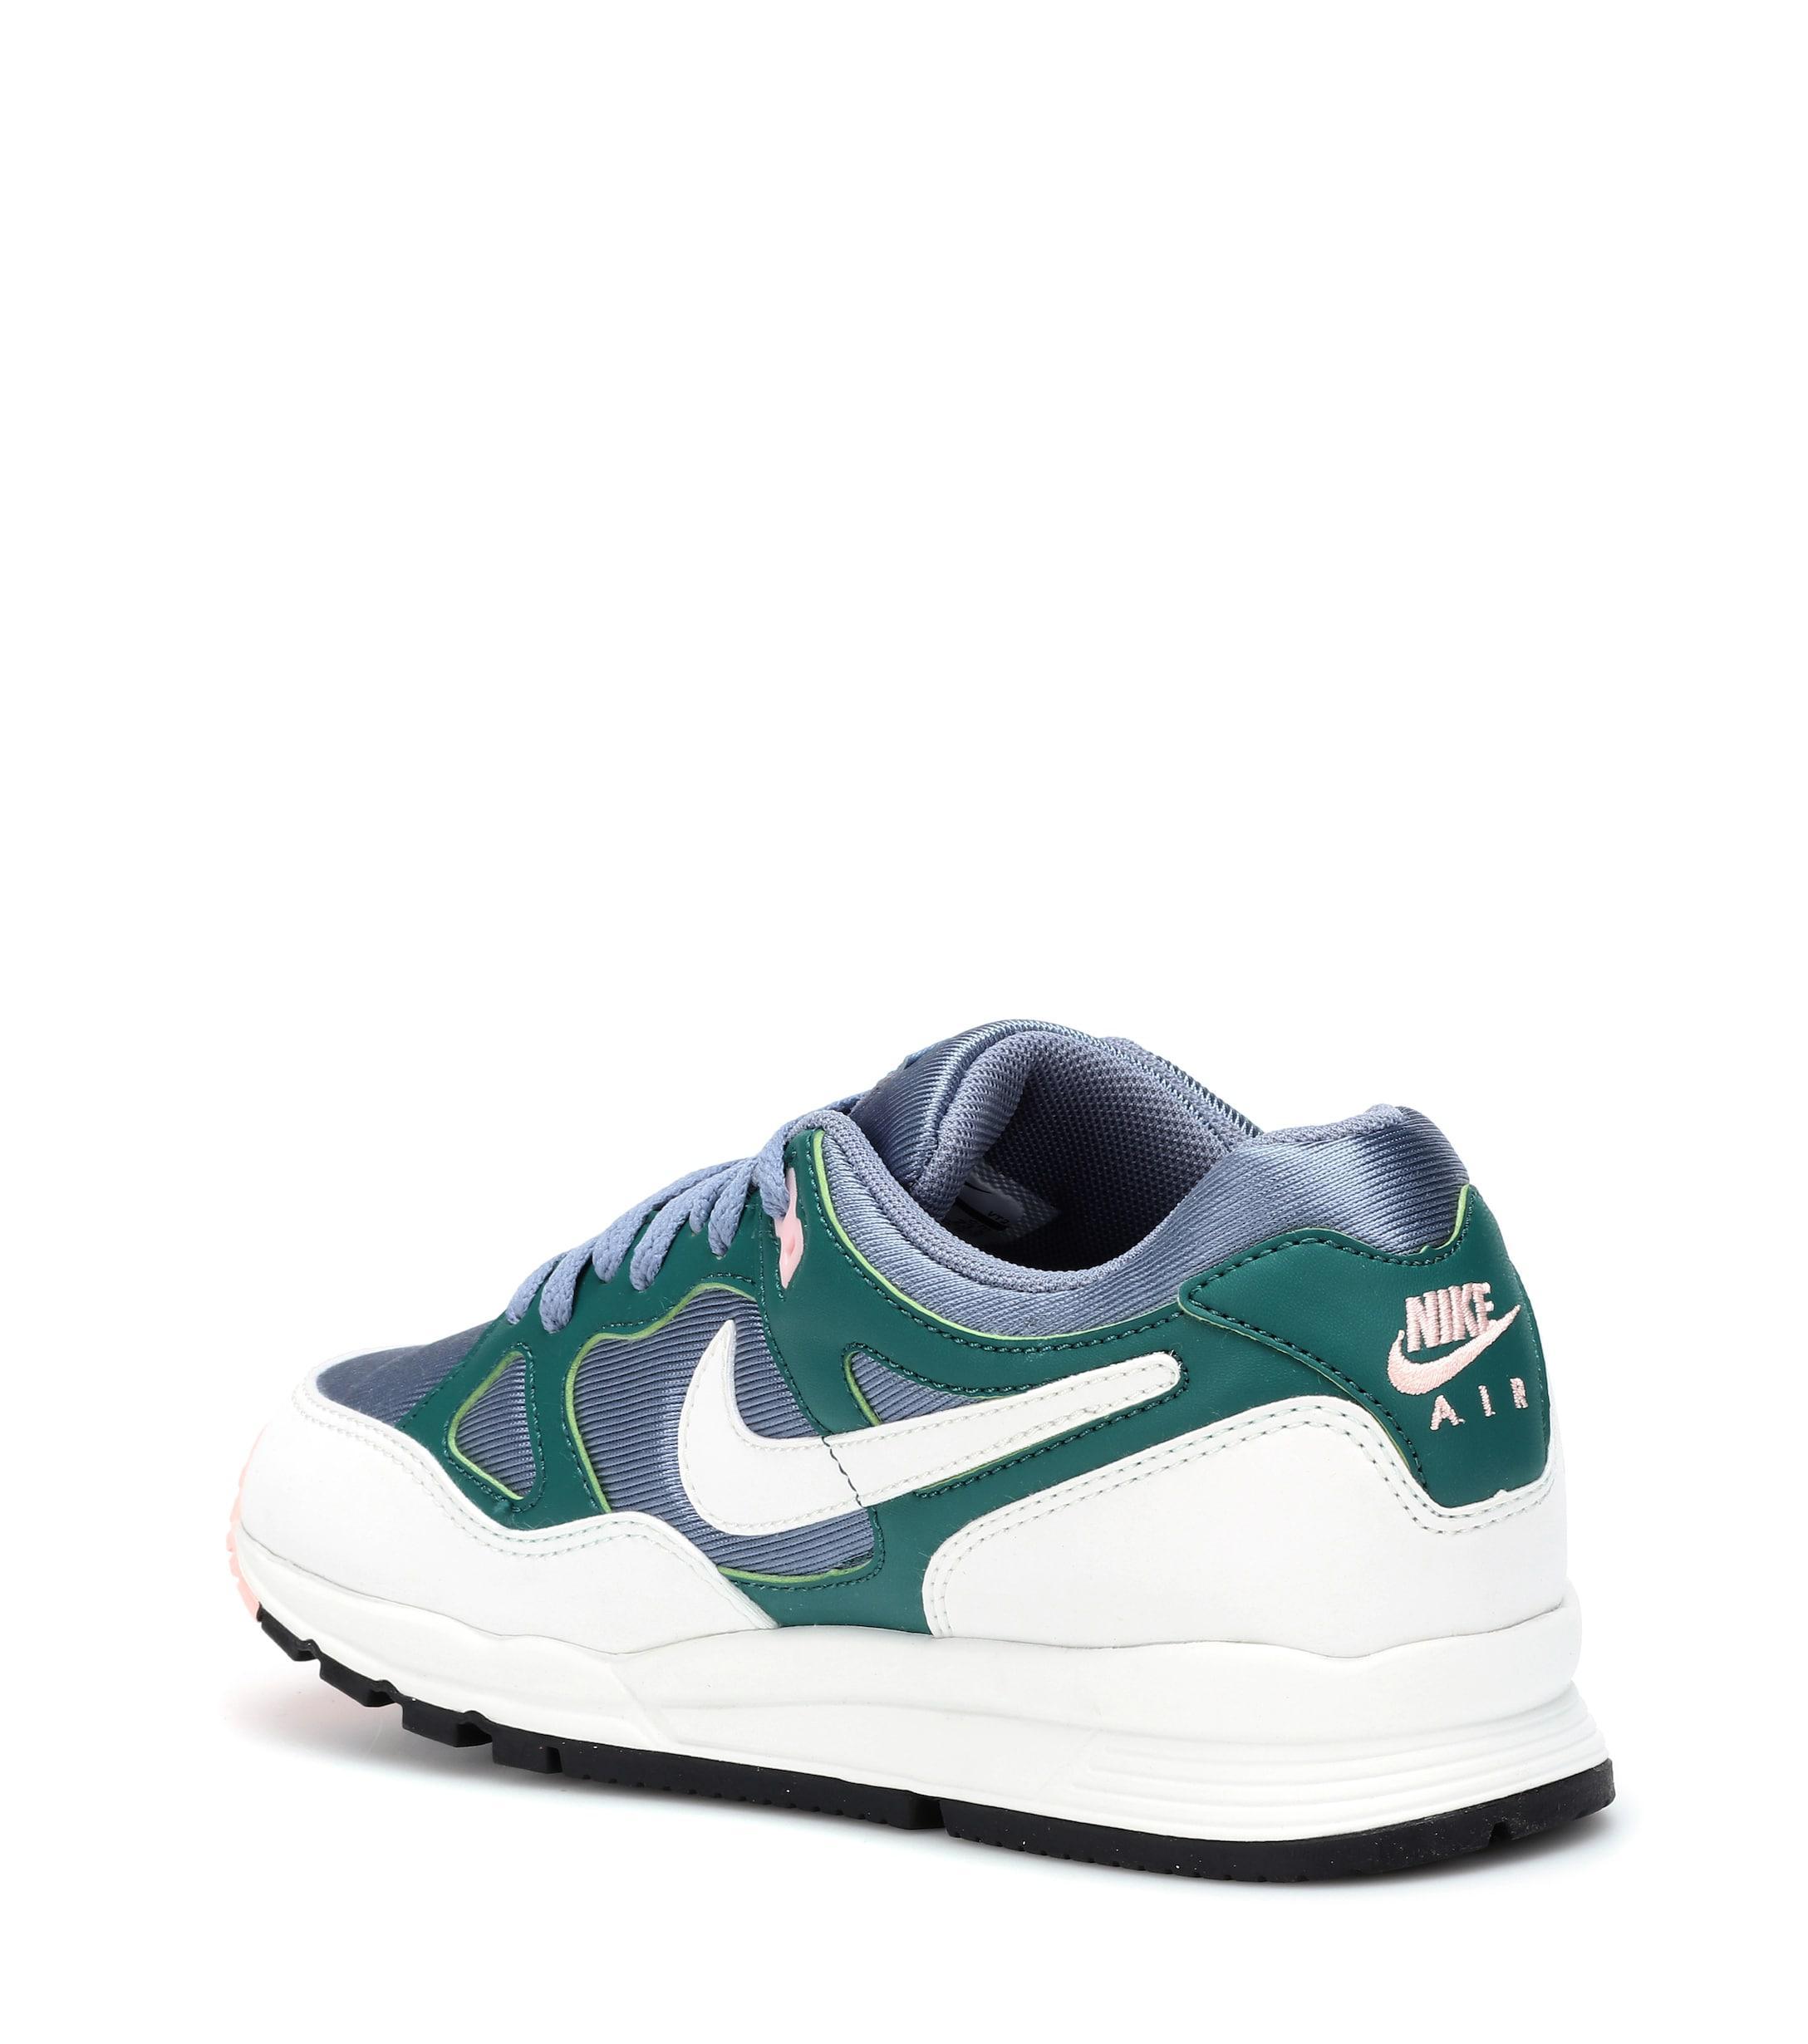 Nike Air Span Ii Sneakers in Blue